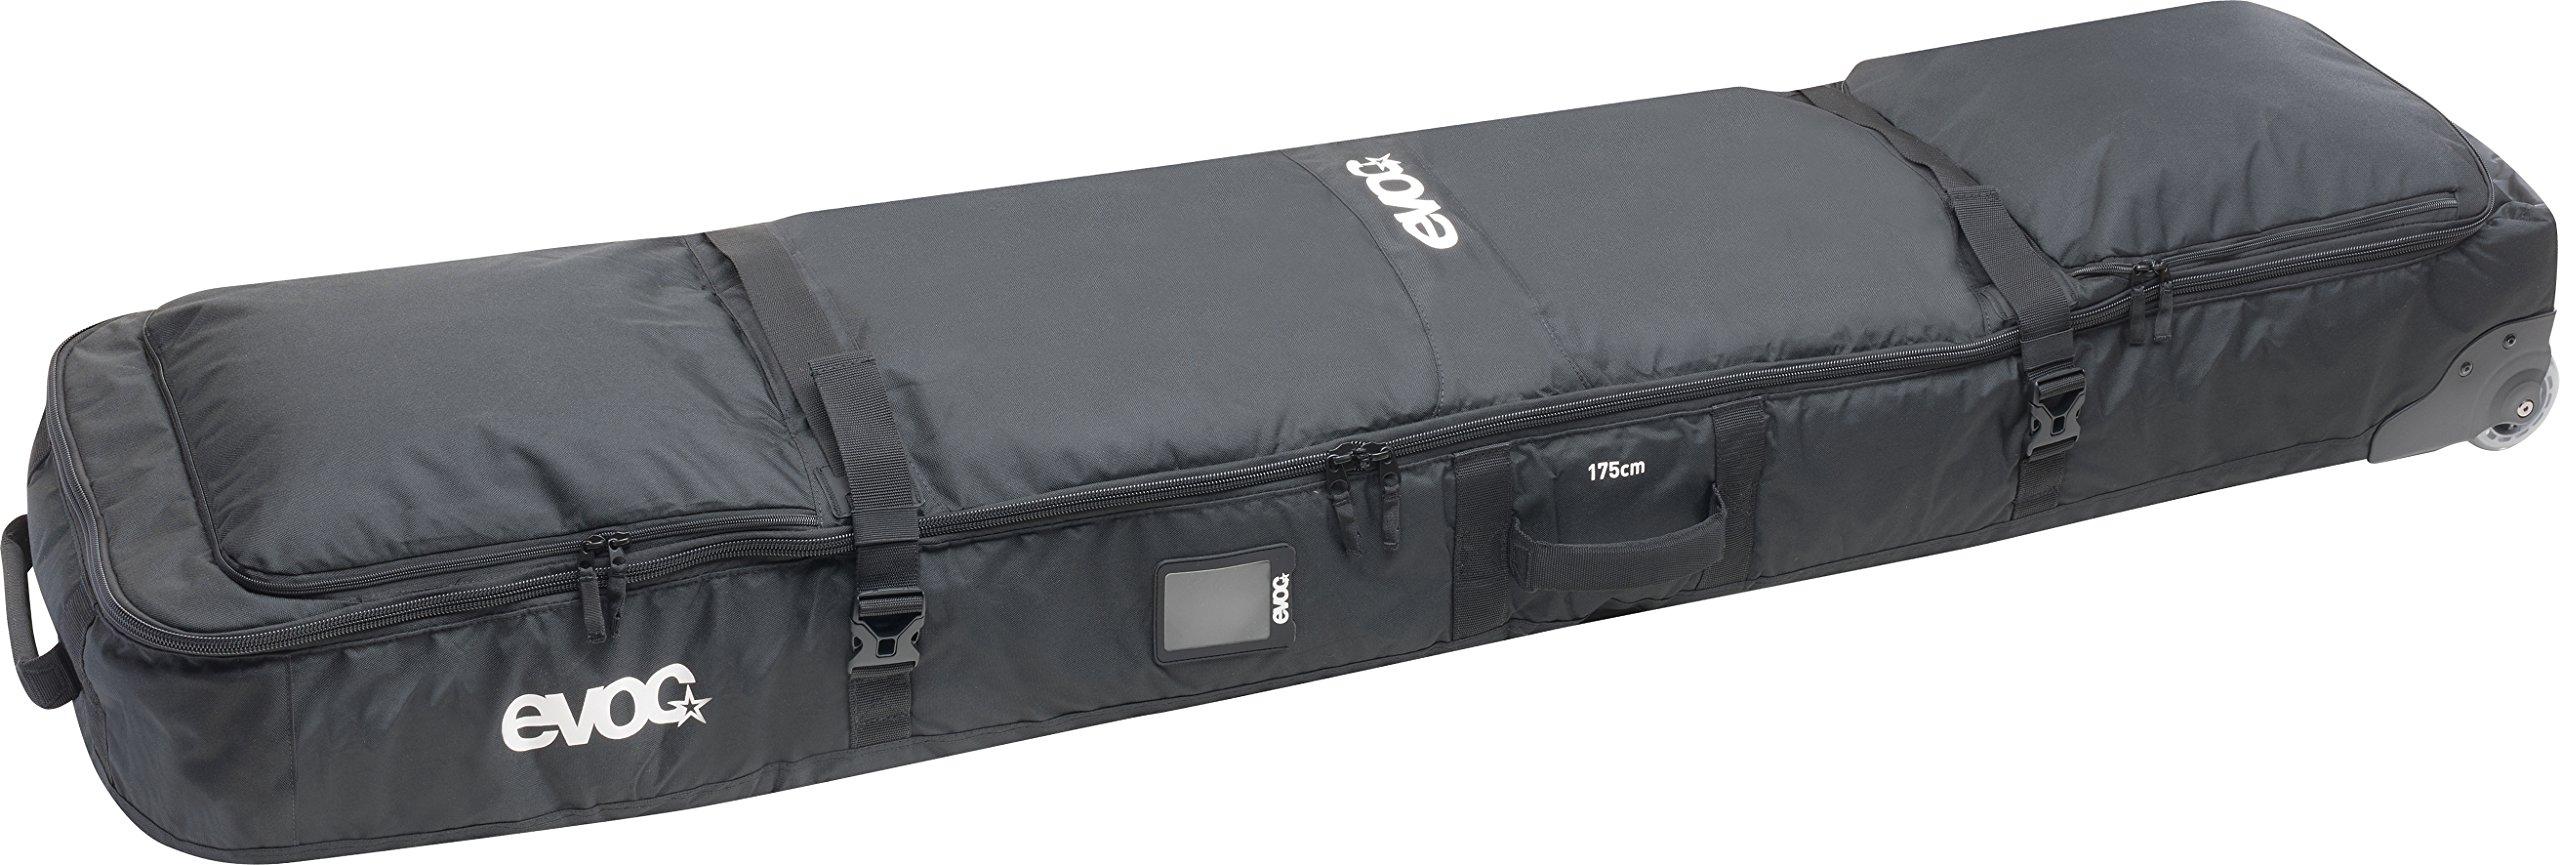 Evoc Black Gear - 110 Litre Snowboarding Roller Bag (L , Black) by Evoc (Image #1)